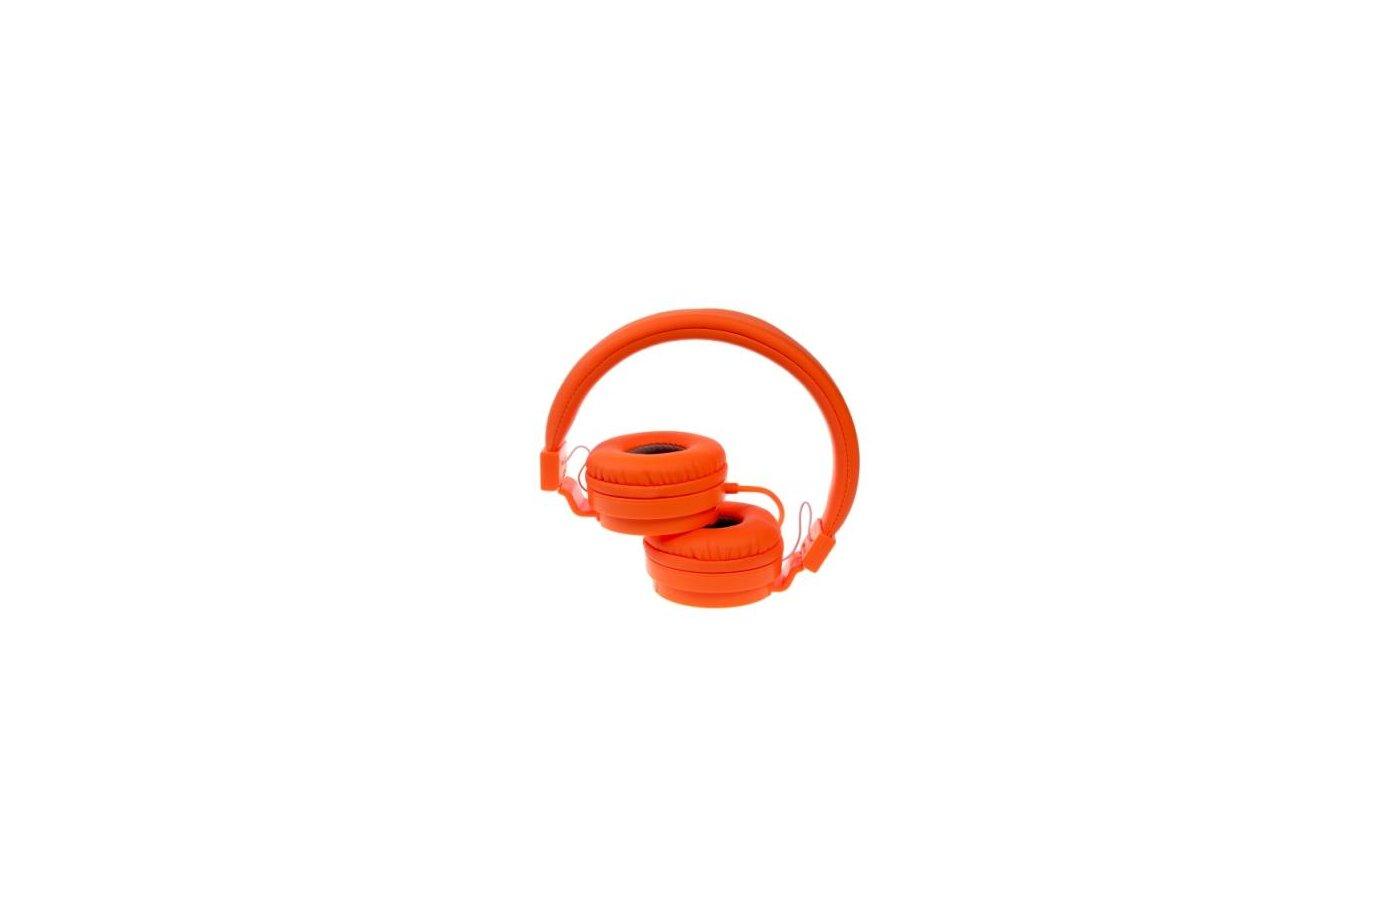 Наушники накладные  Partner Orange оранжевый